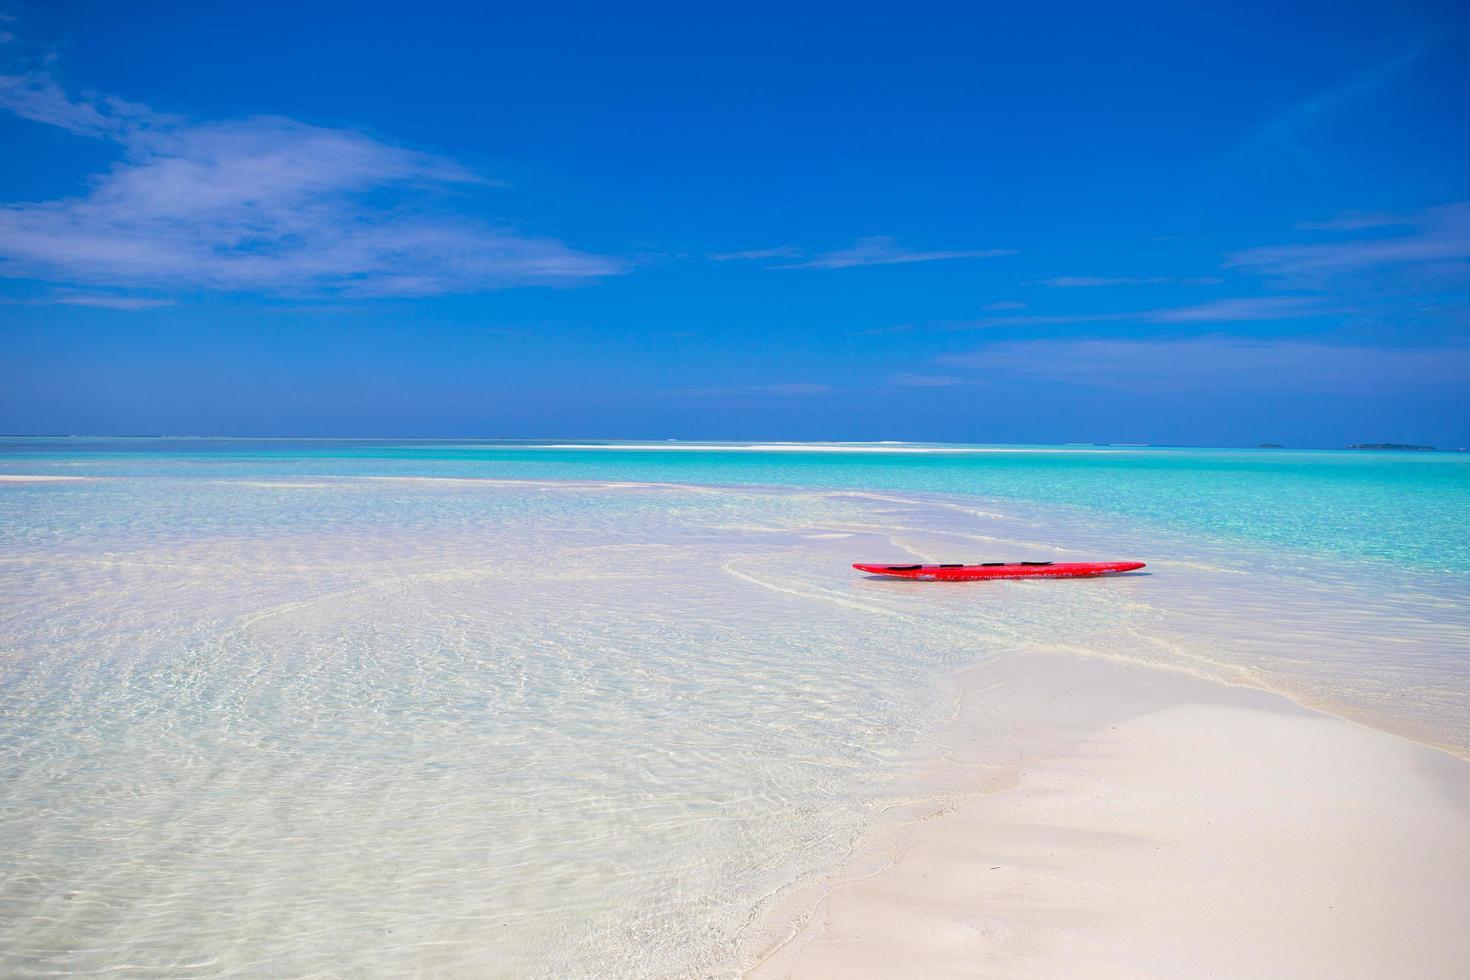 Tabla de surf roja en la playa de arena blanca foto